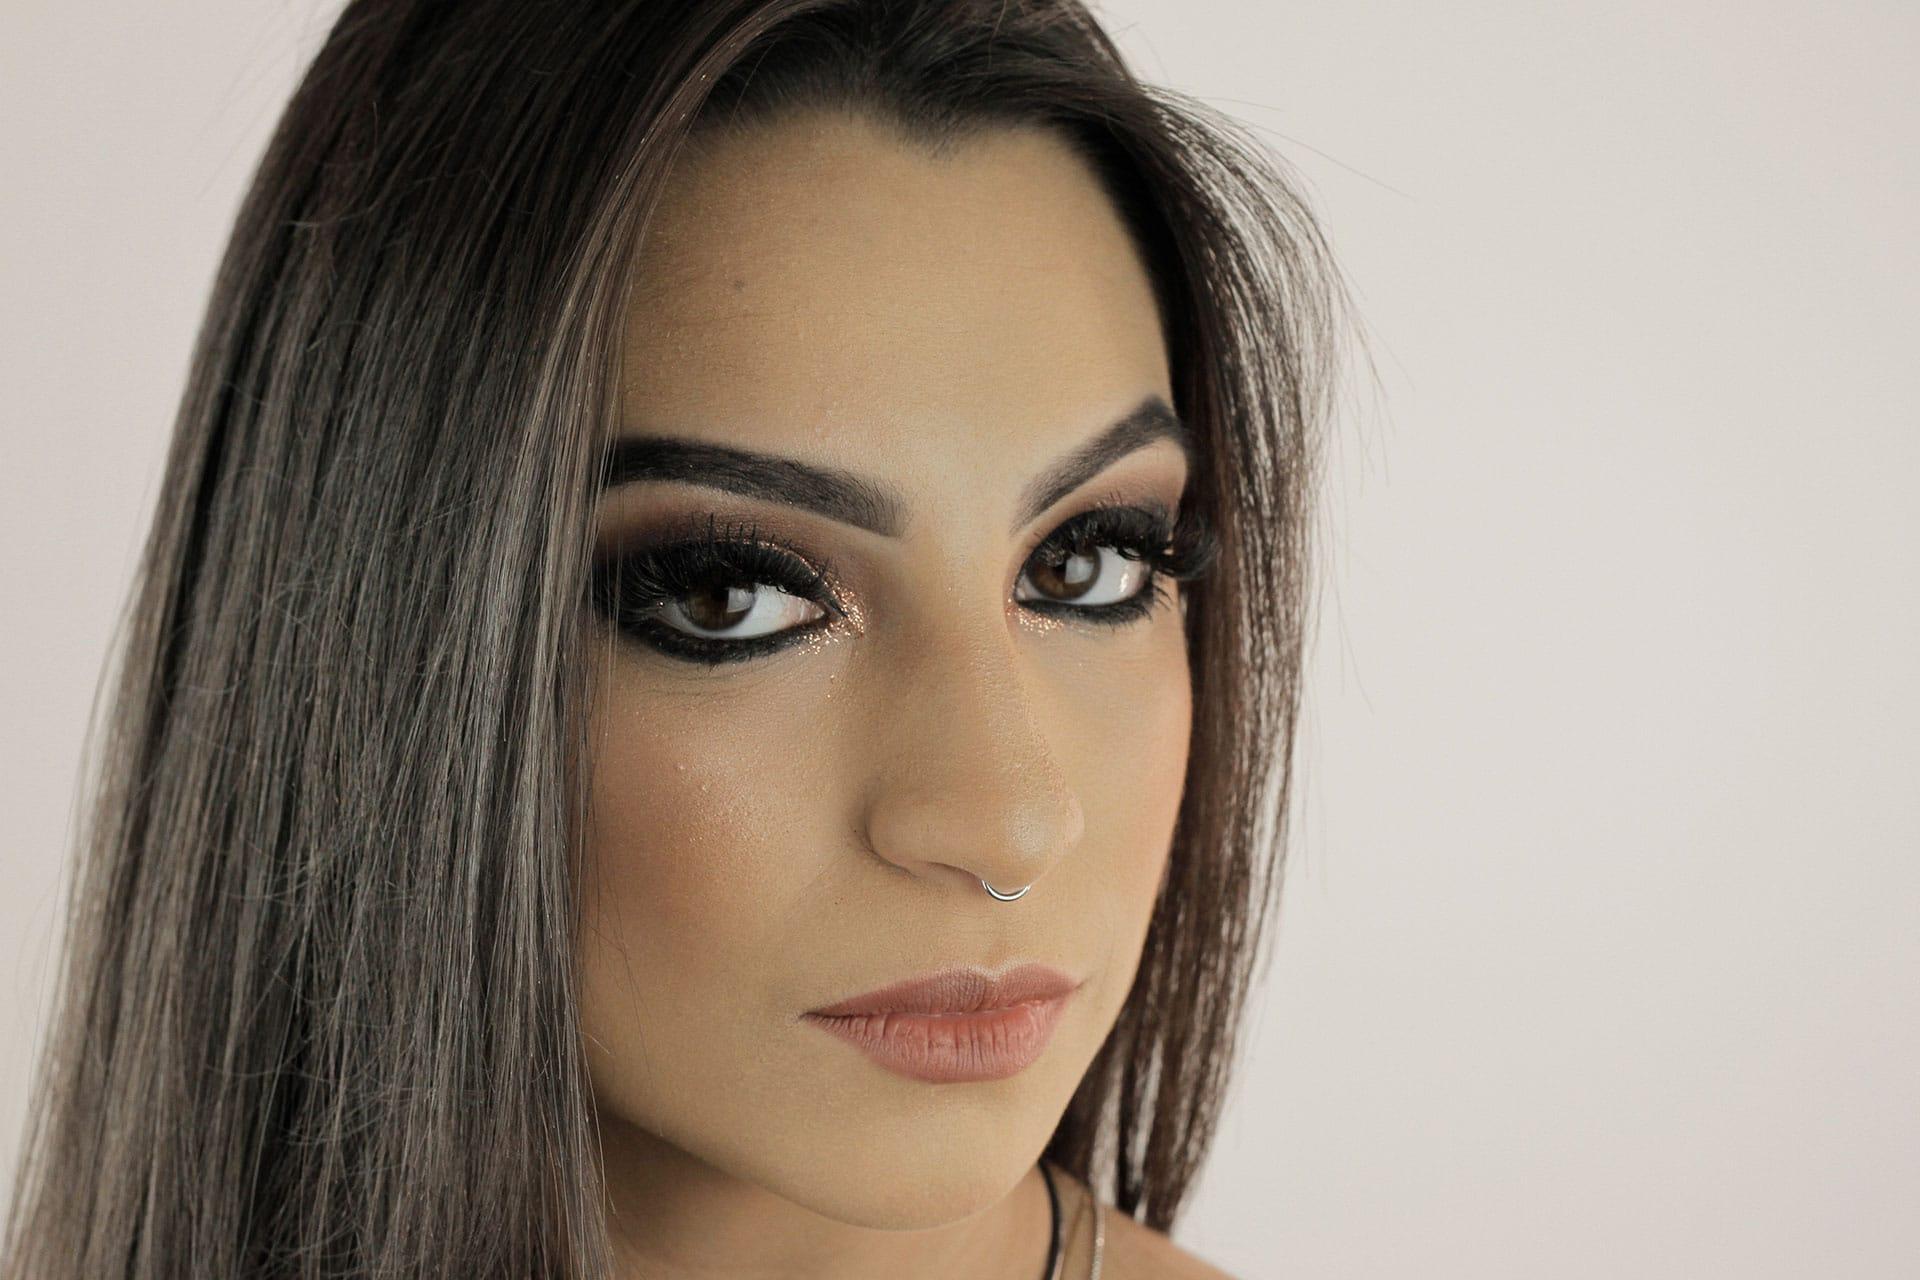 Raquel-Contente-246